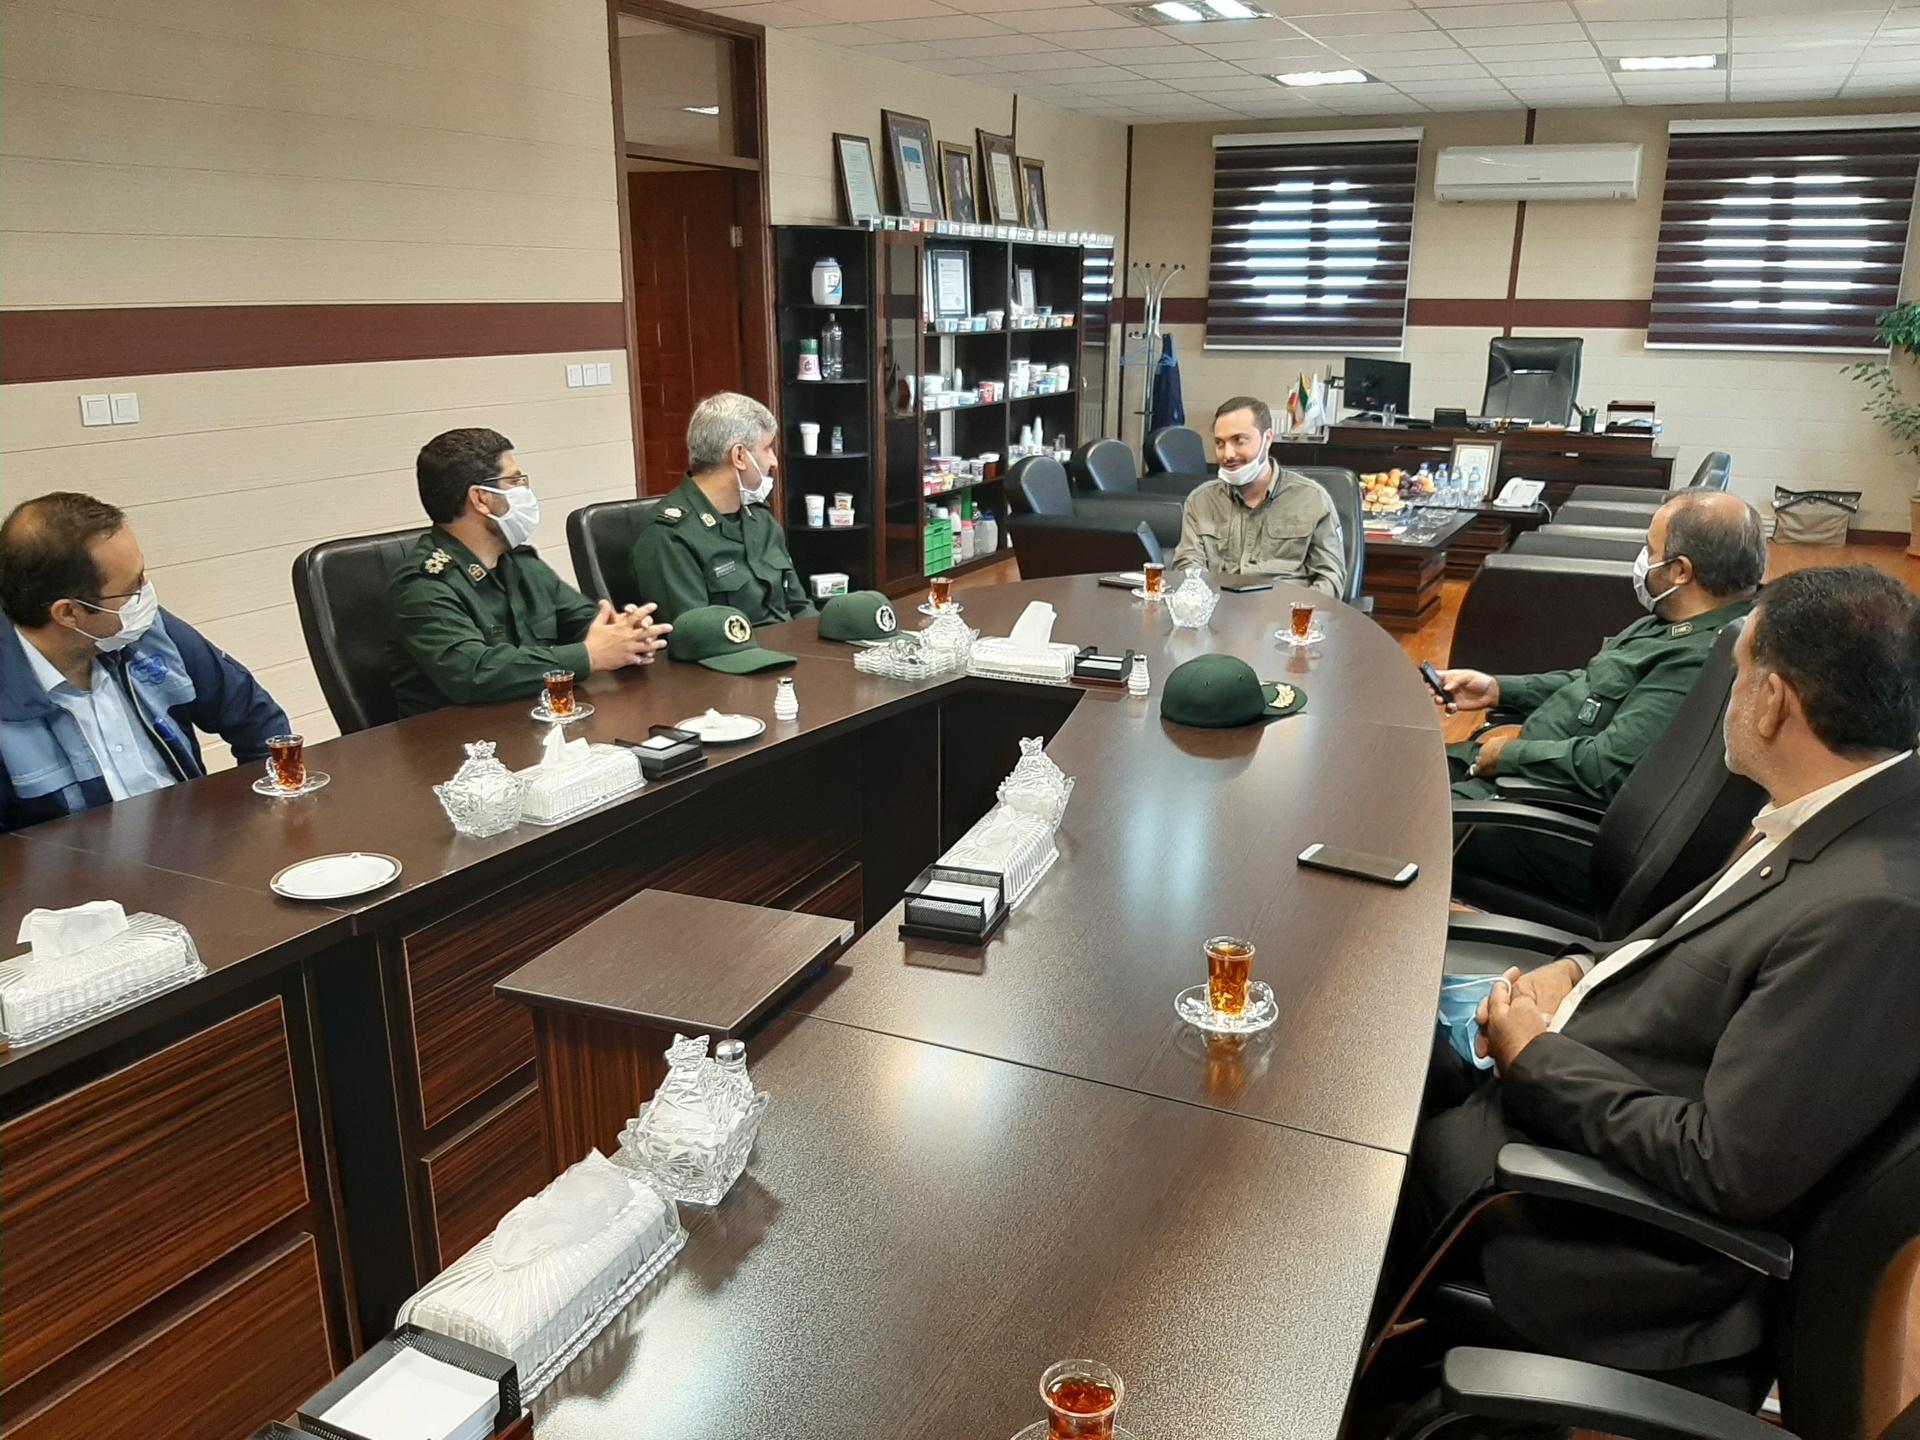 بازدید مسئولان سپاه استان تهران از صنایع بستهبندی شیر پگاه